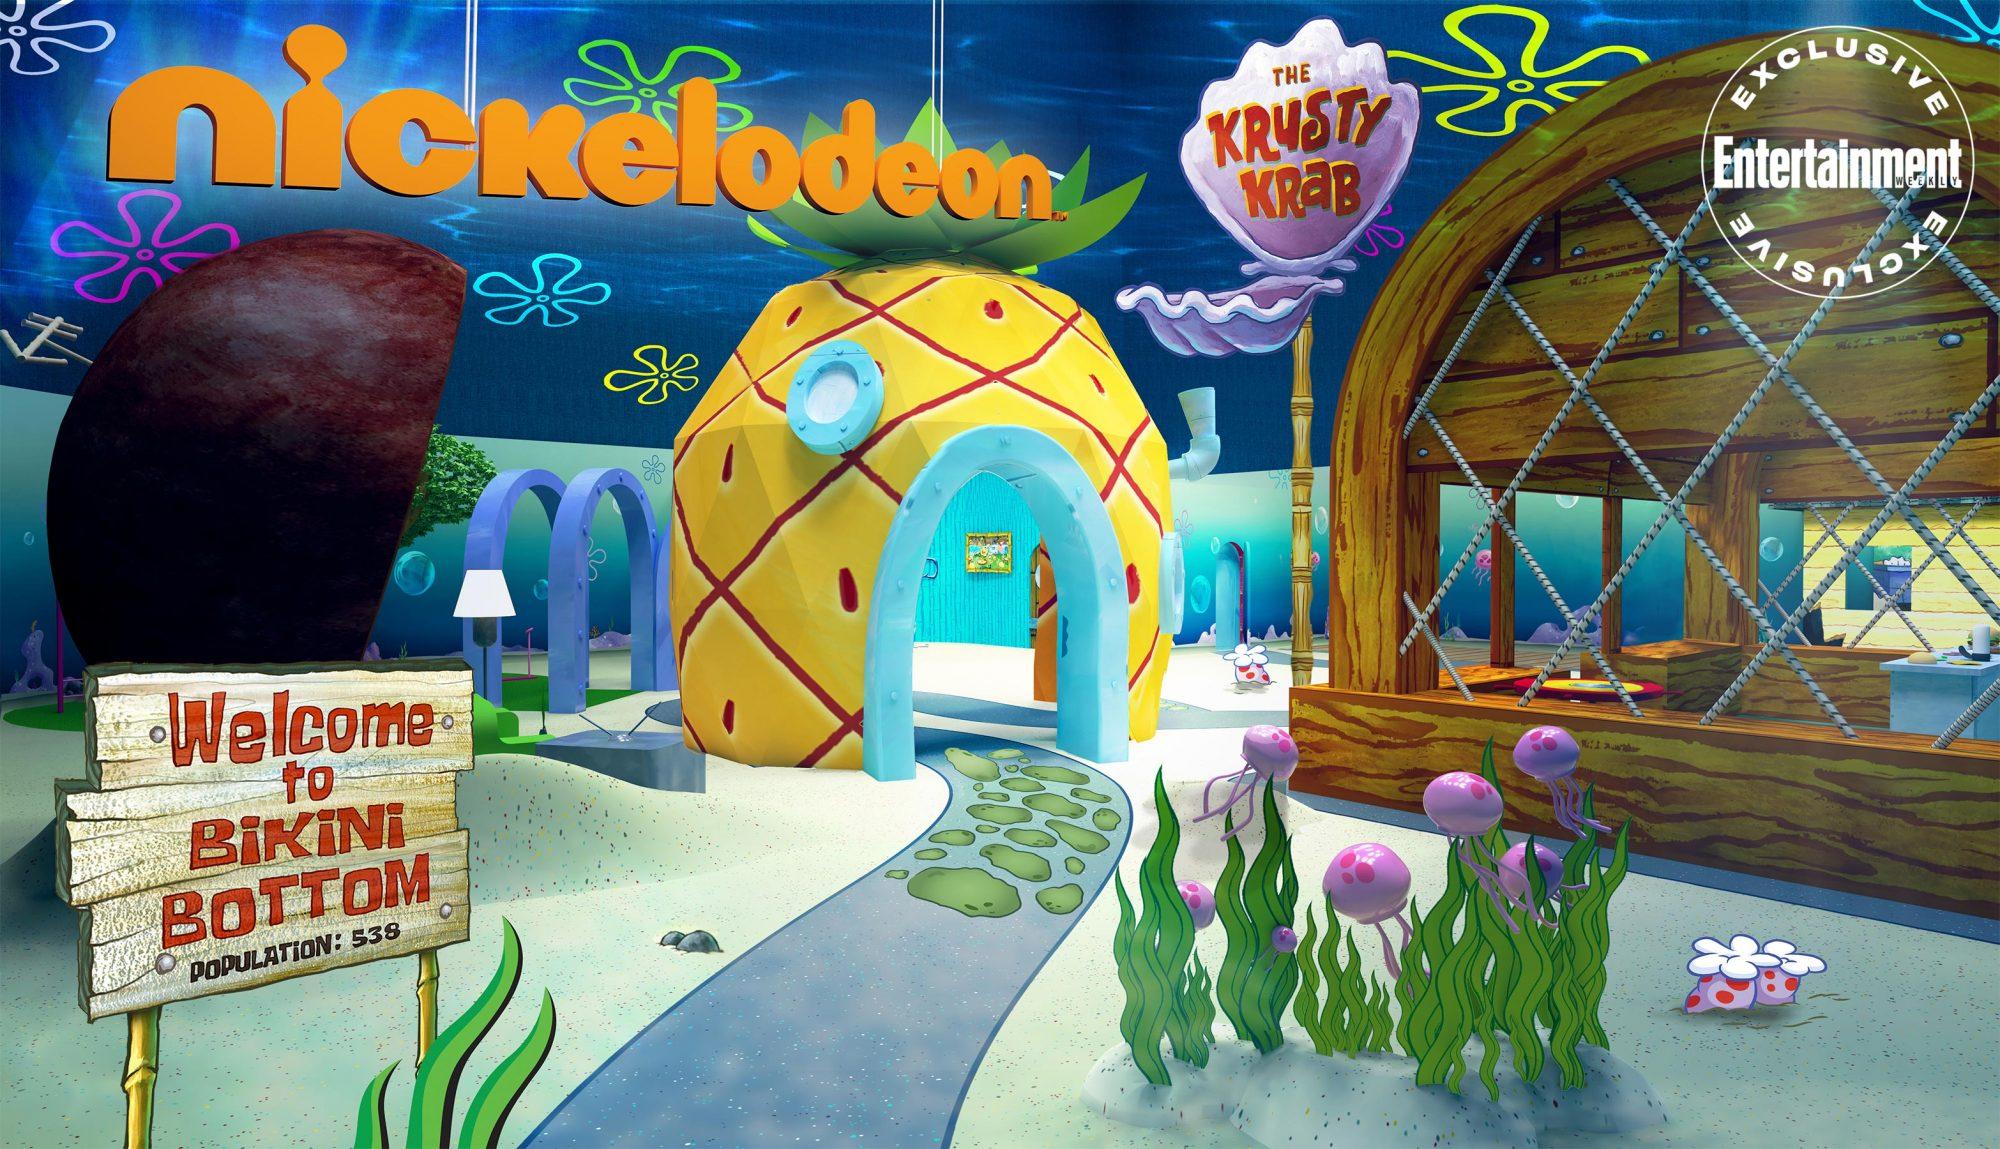 SpongeBob SquarePants CR: Nickelodeon